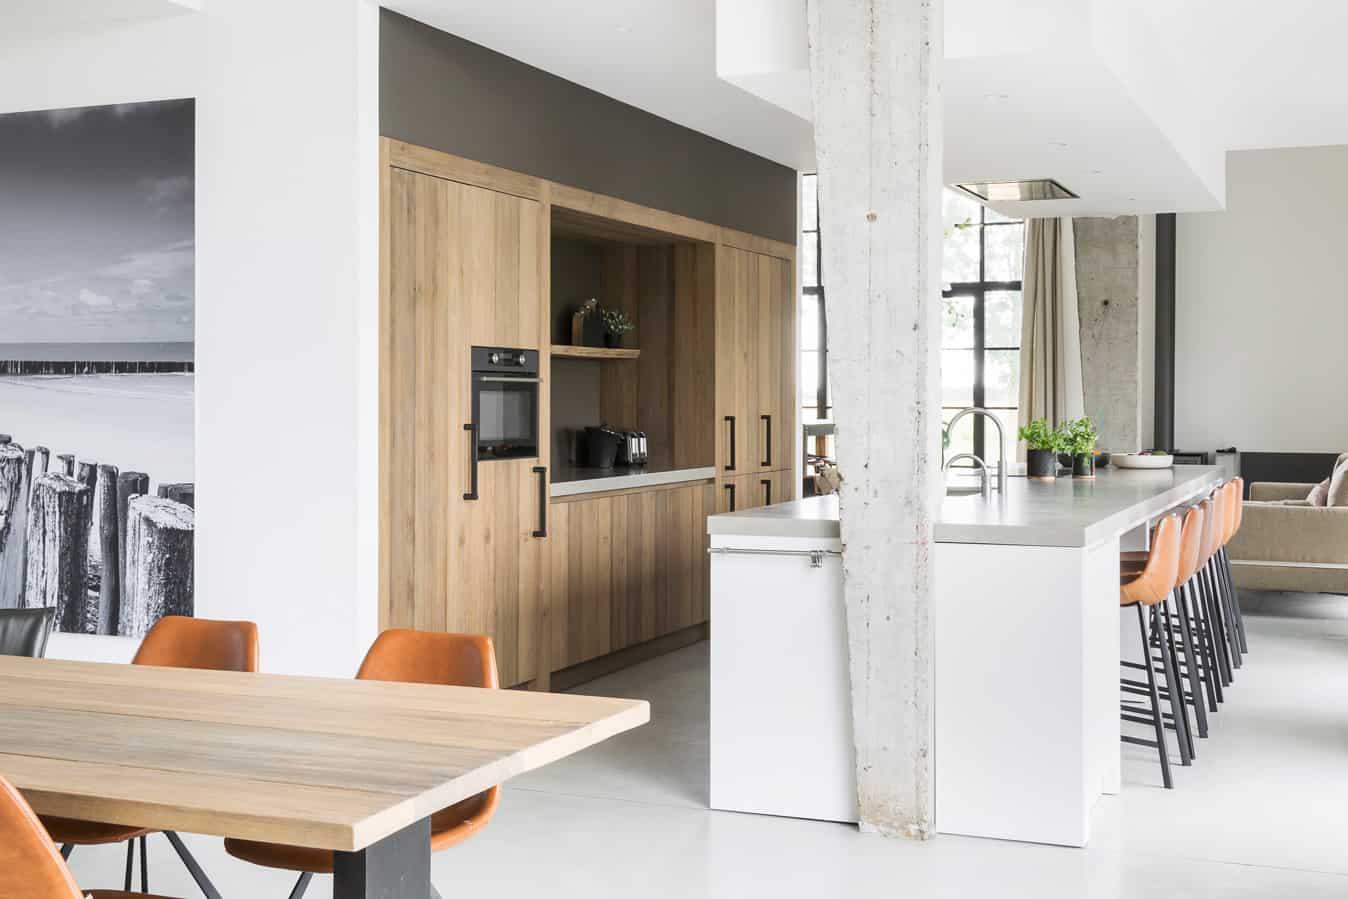 Stoere Keuken In Loft